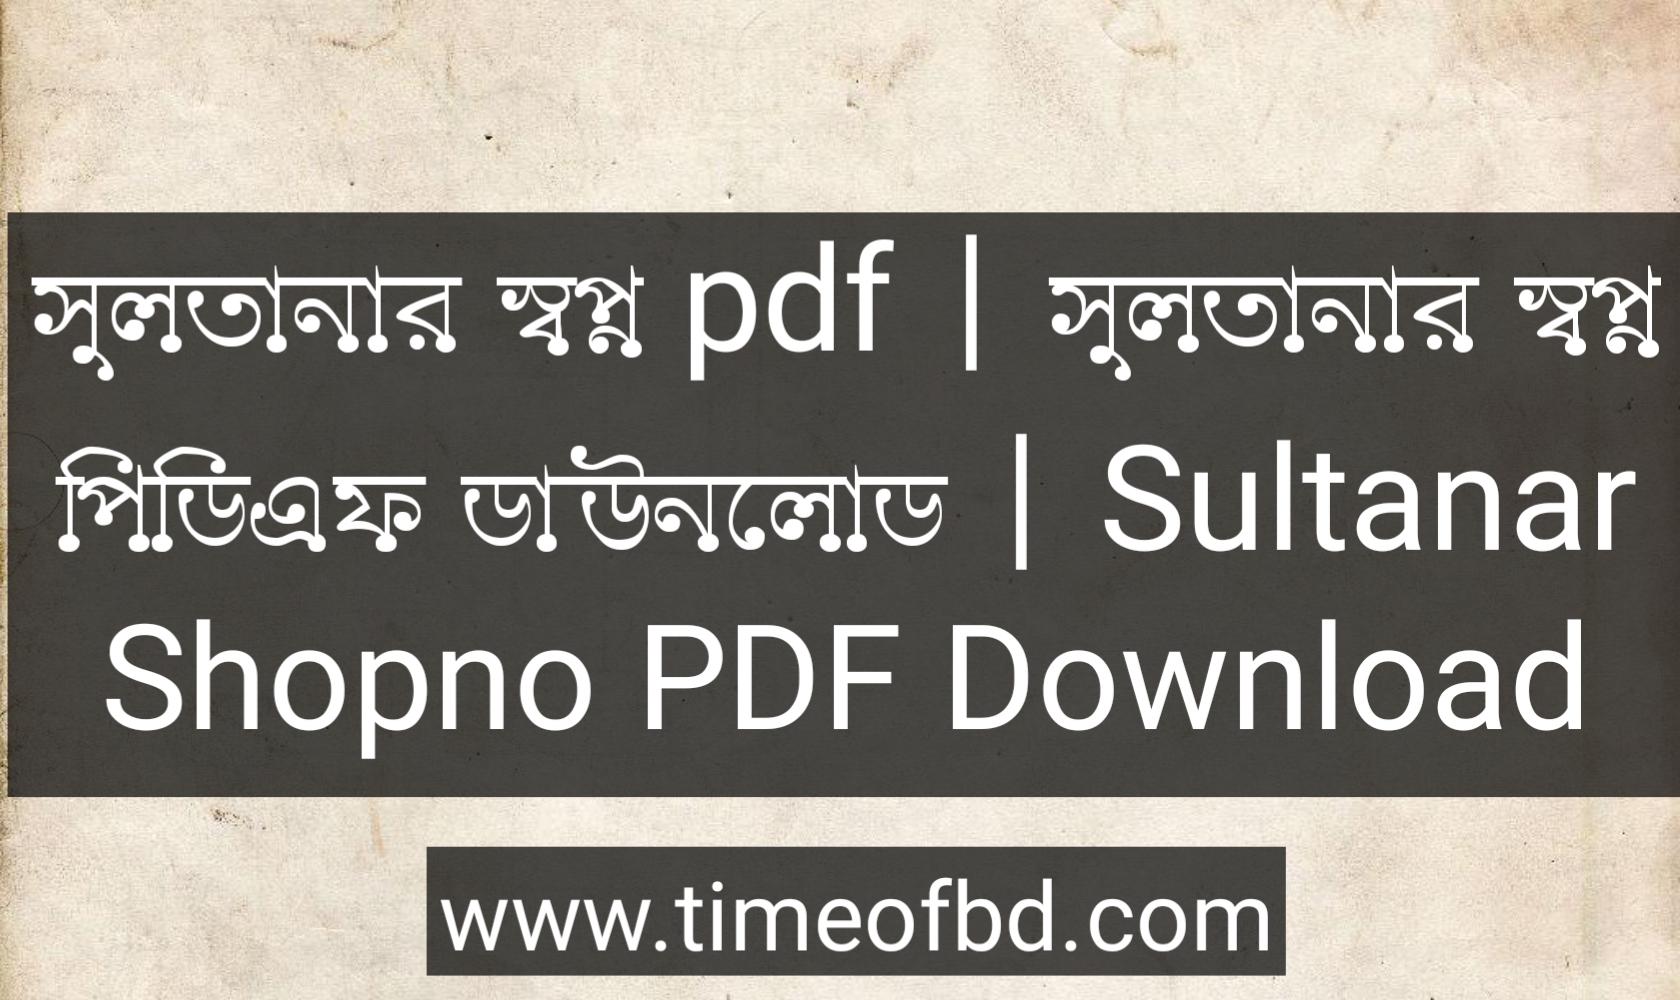 সুলতানার স্বপ্ন pdf, সুলতানার স্বপ্ন পিডিএফ ডাউনলোড, সুলতানার স্বপ্ন পিডিএফ, সুলতানার স্বপ্ন pdf download,